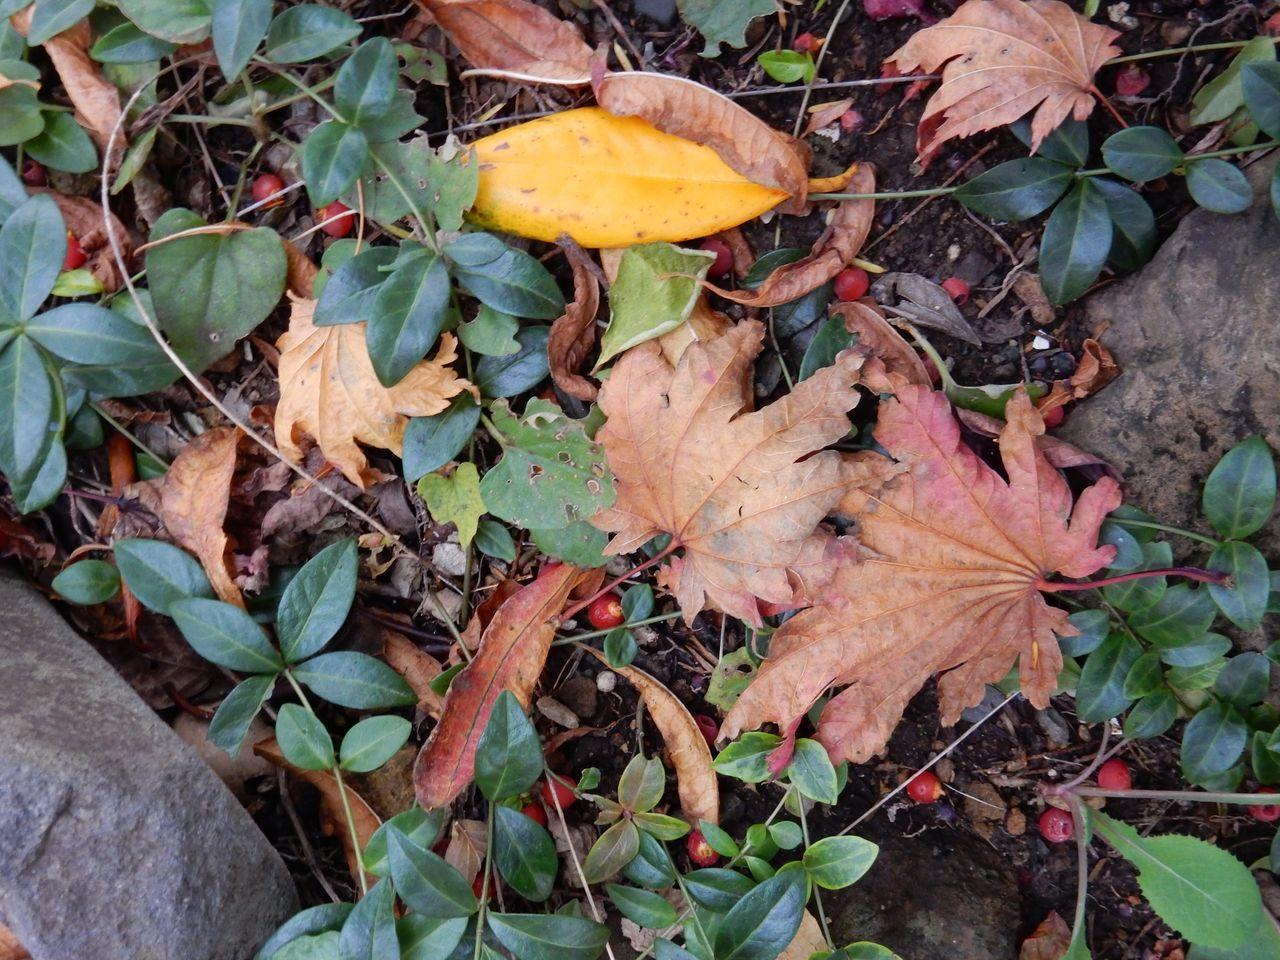 よく見ると一枚一枚の葉の色だって違います_c0025115_21125433.jpg